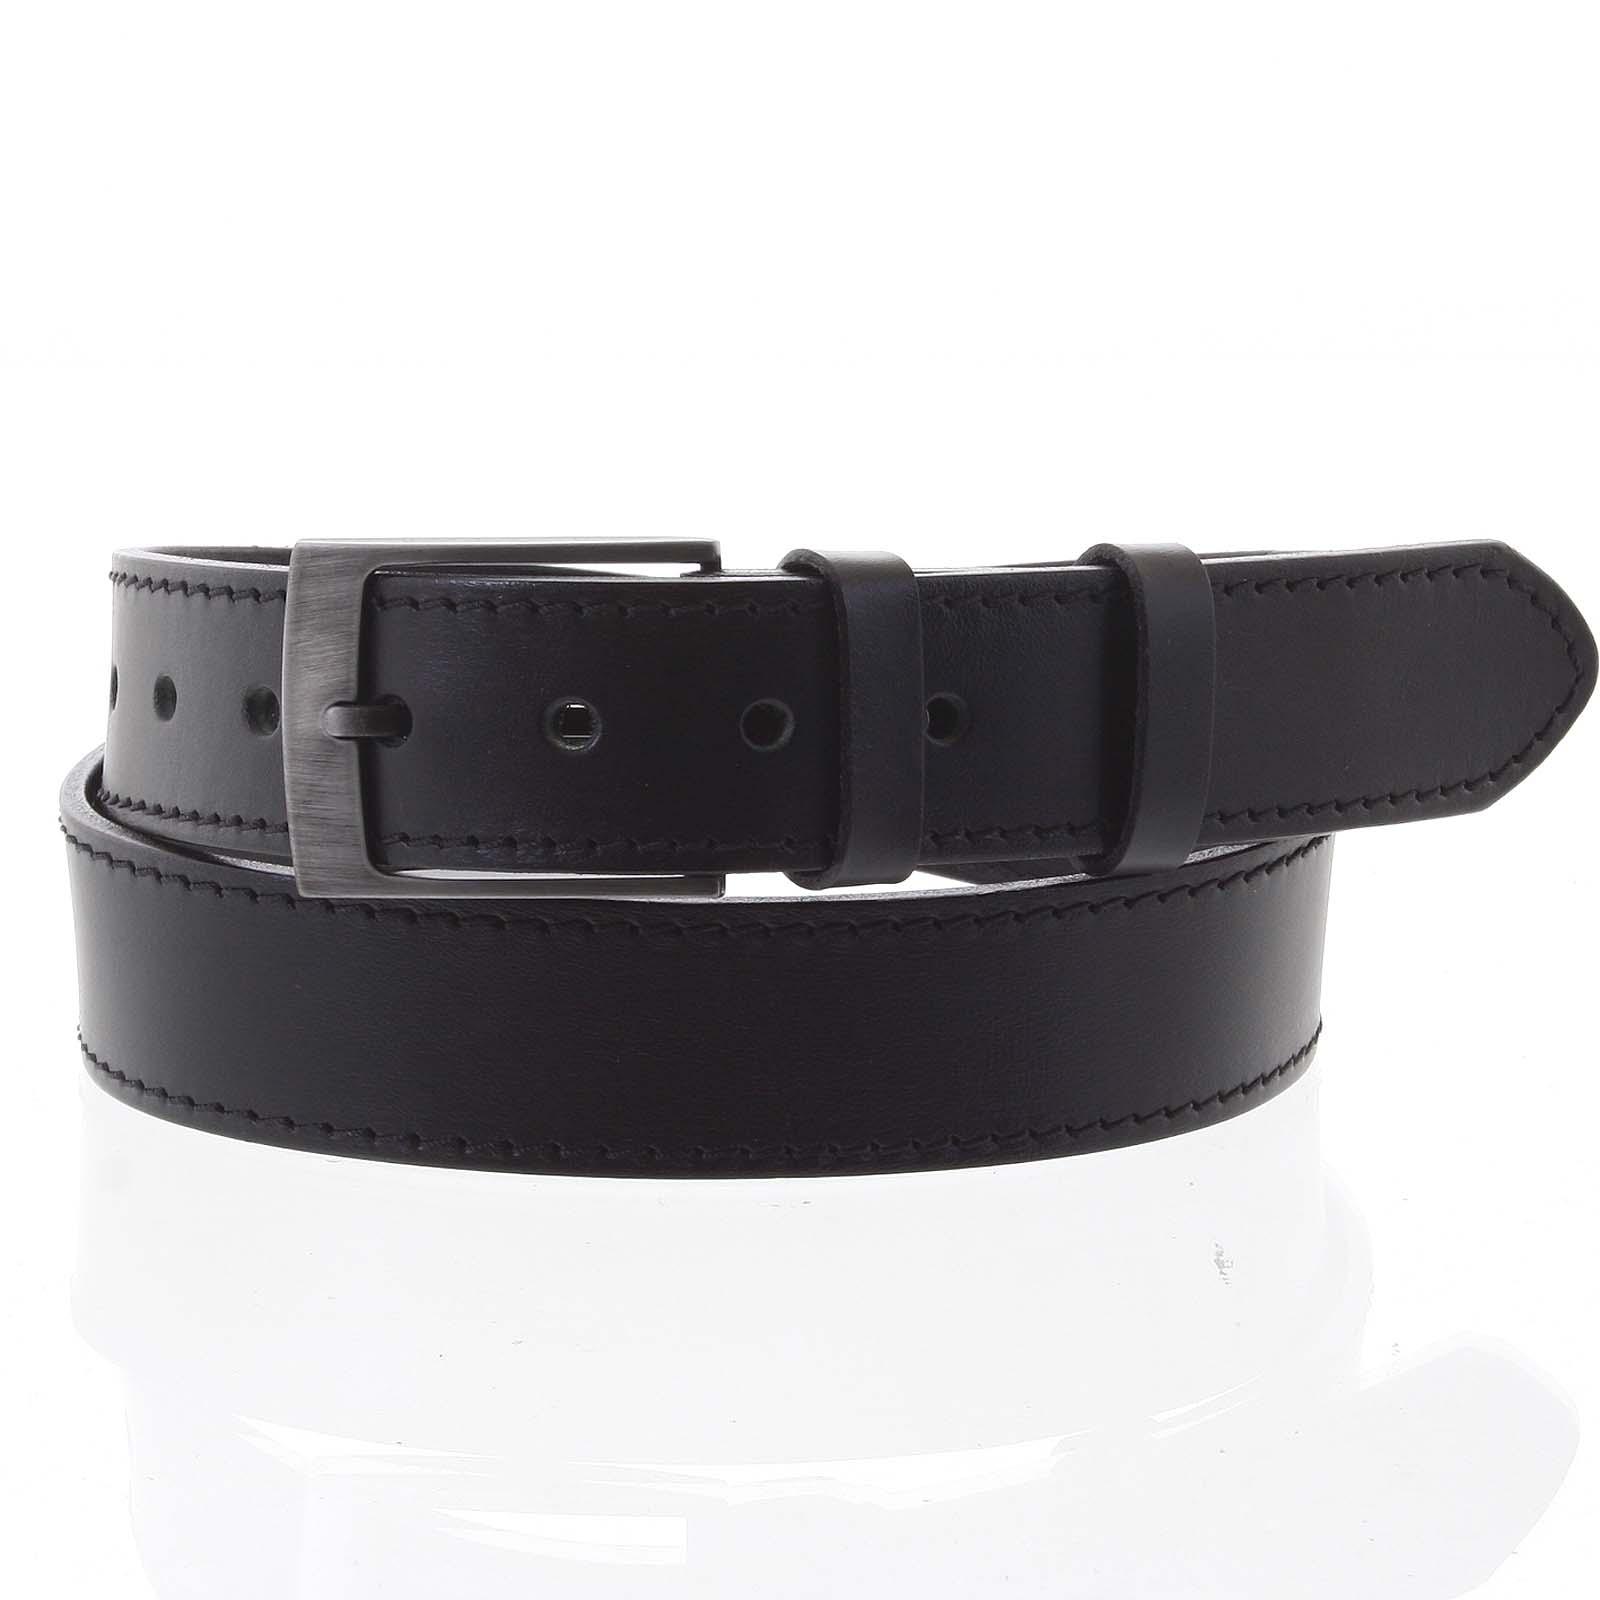 Pánský kožený opasek jeansový černý - PB Meroz 95